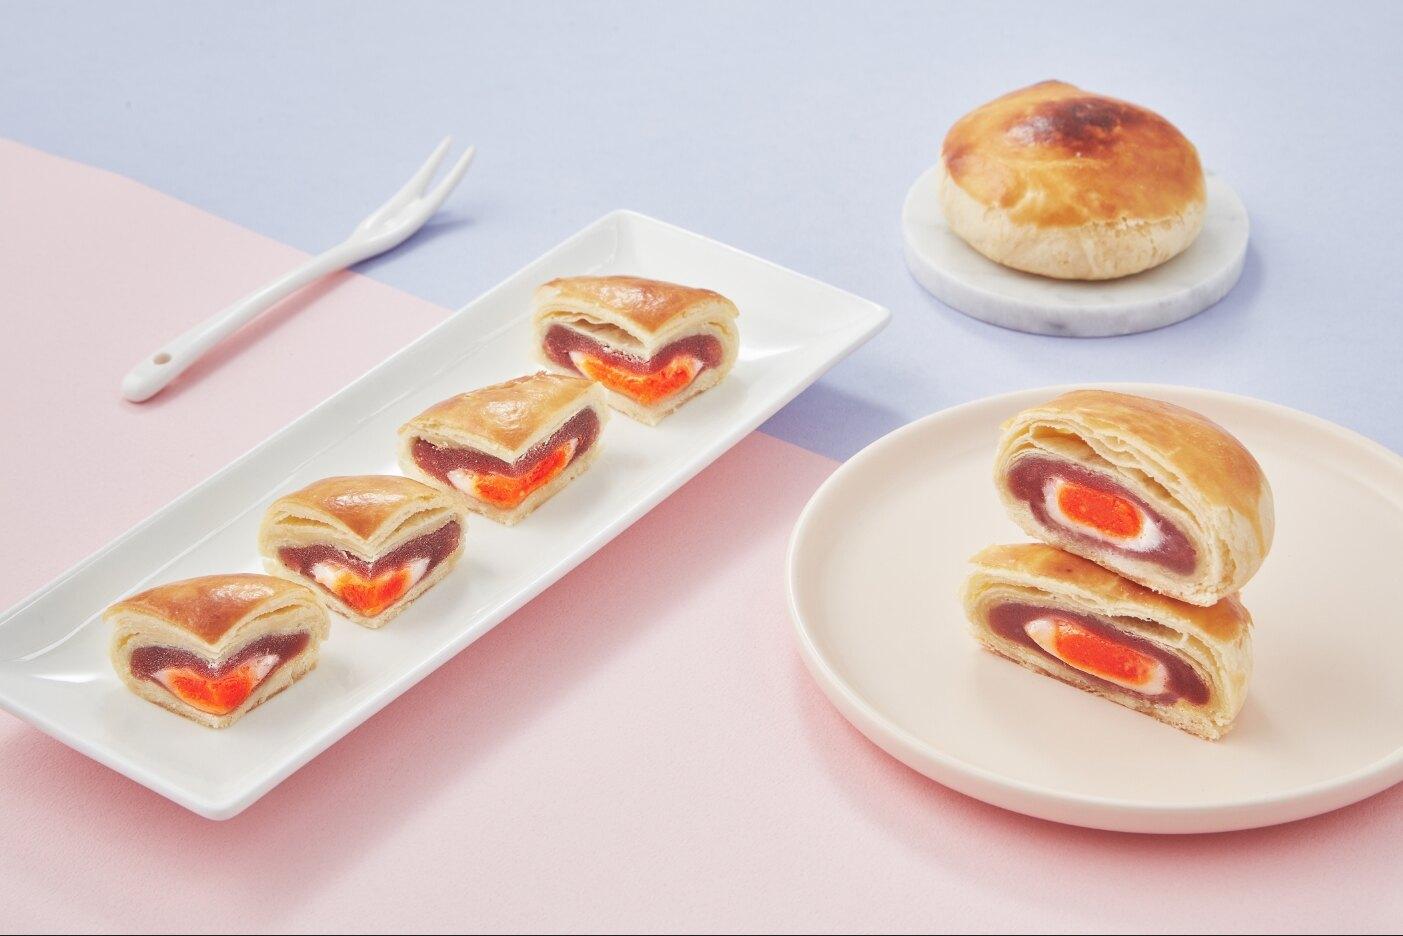 ❤山藥3Q總統餅❤12入裝★《香港蘋果日報獨家專訪》國宴指定點心★蛋奶素可食用